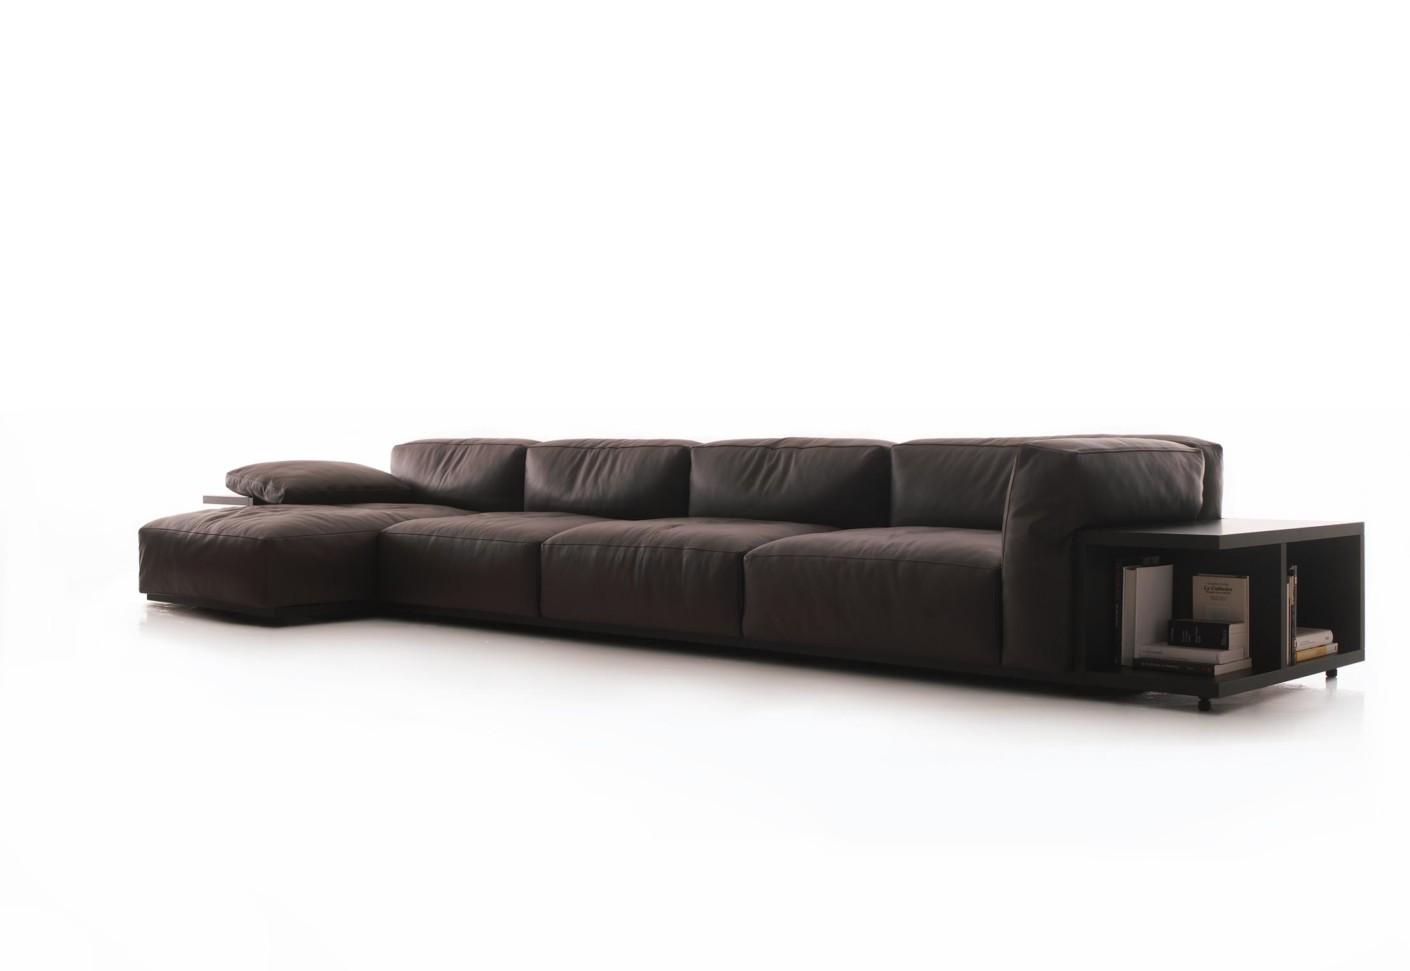 Mex Sofa By Cassina Stylepark